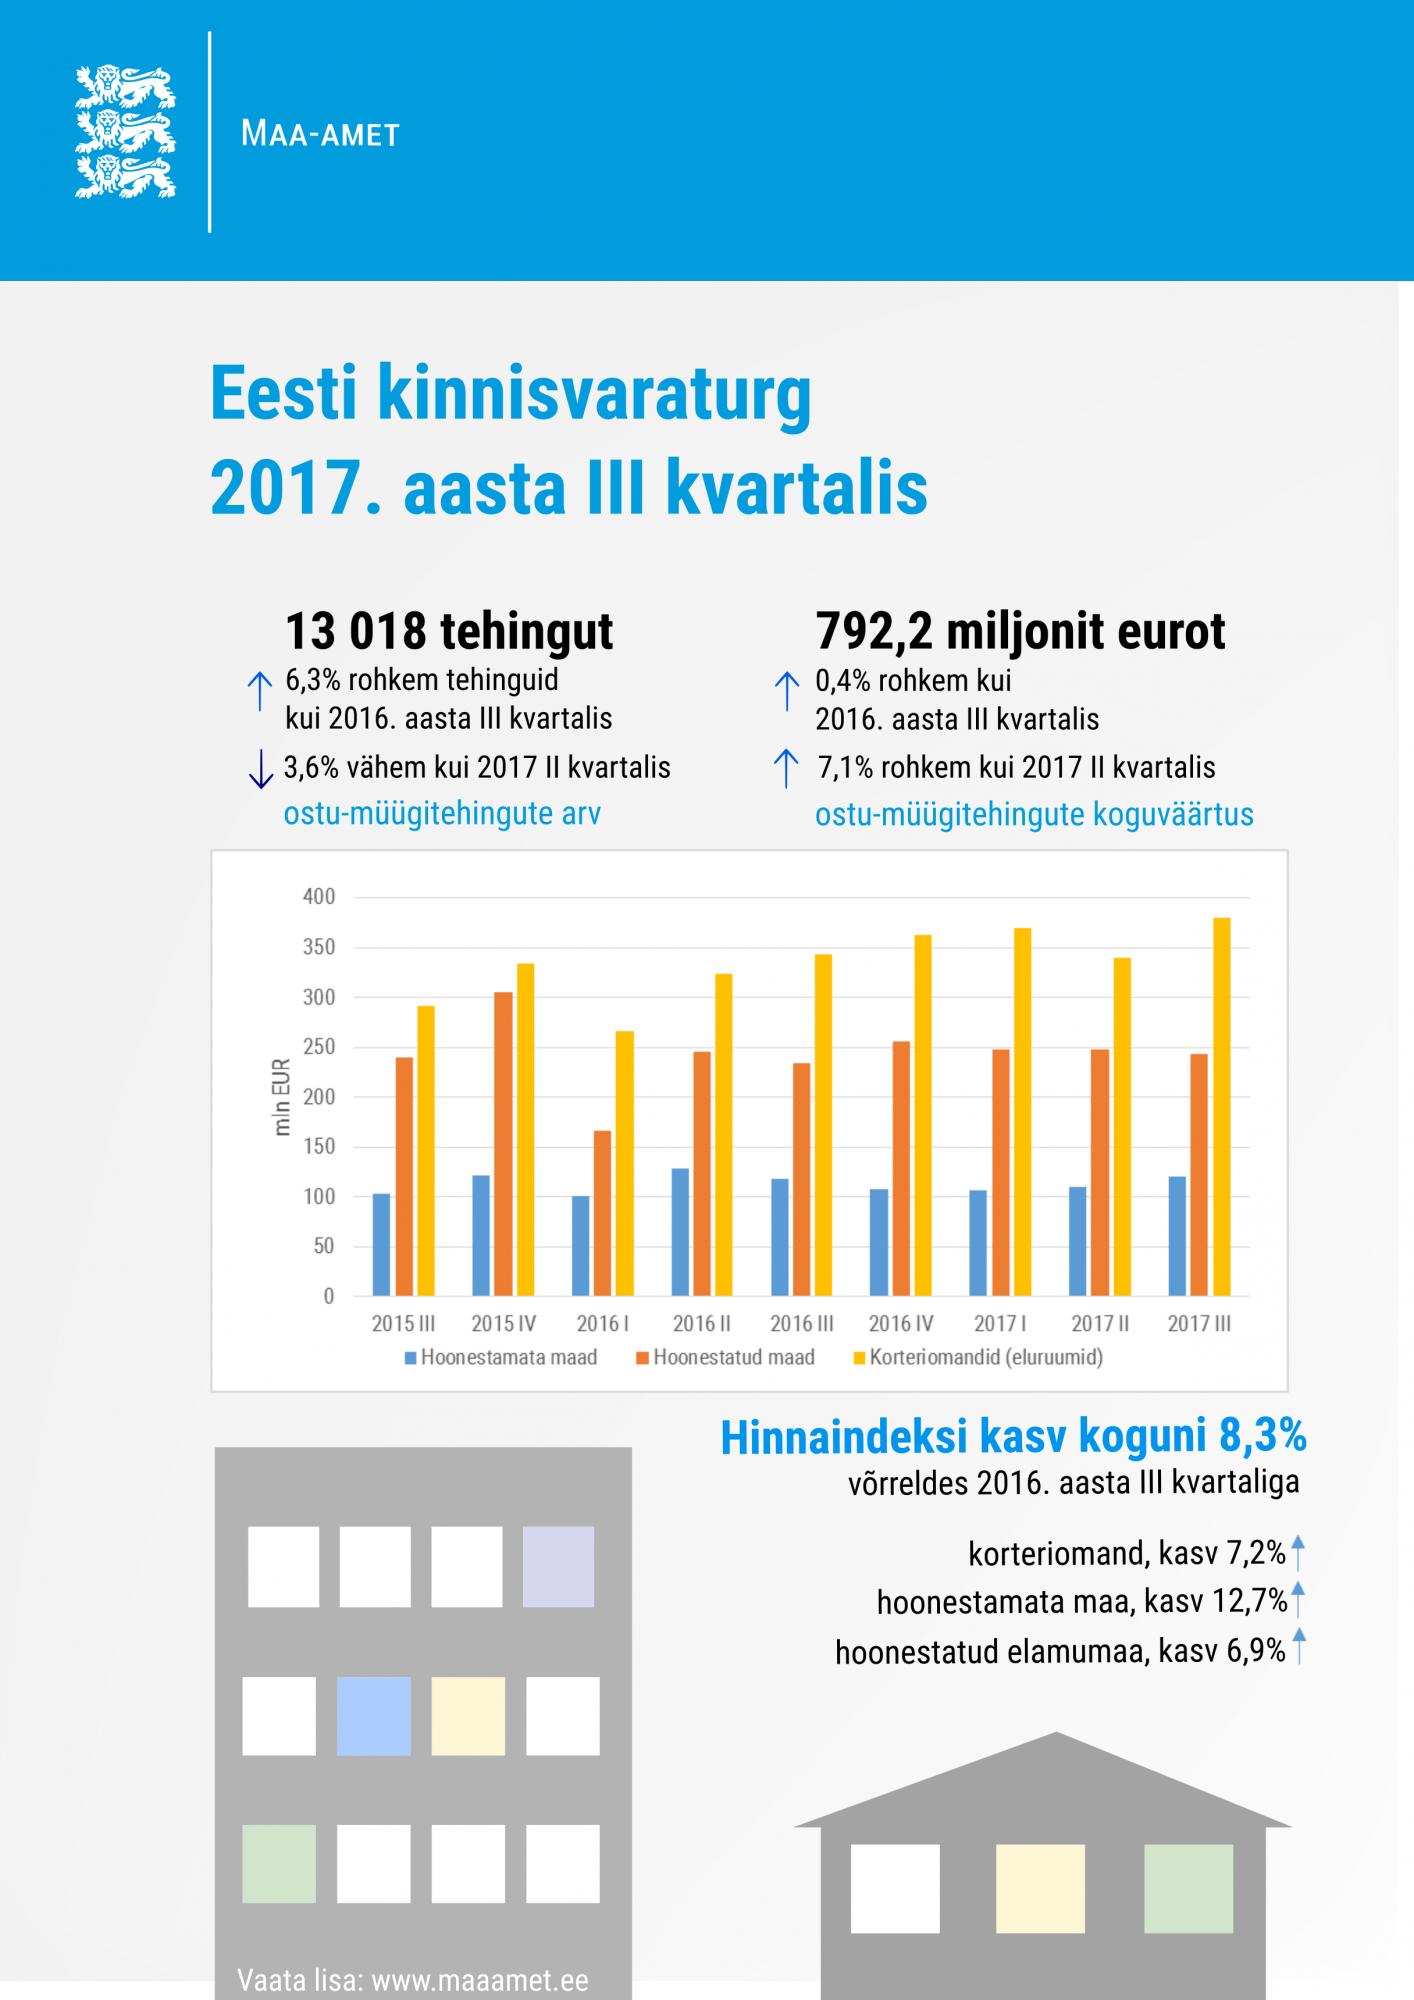 Eesti kinnisvaraturg 2017. aasta III kvartalis